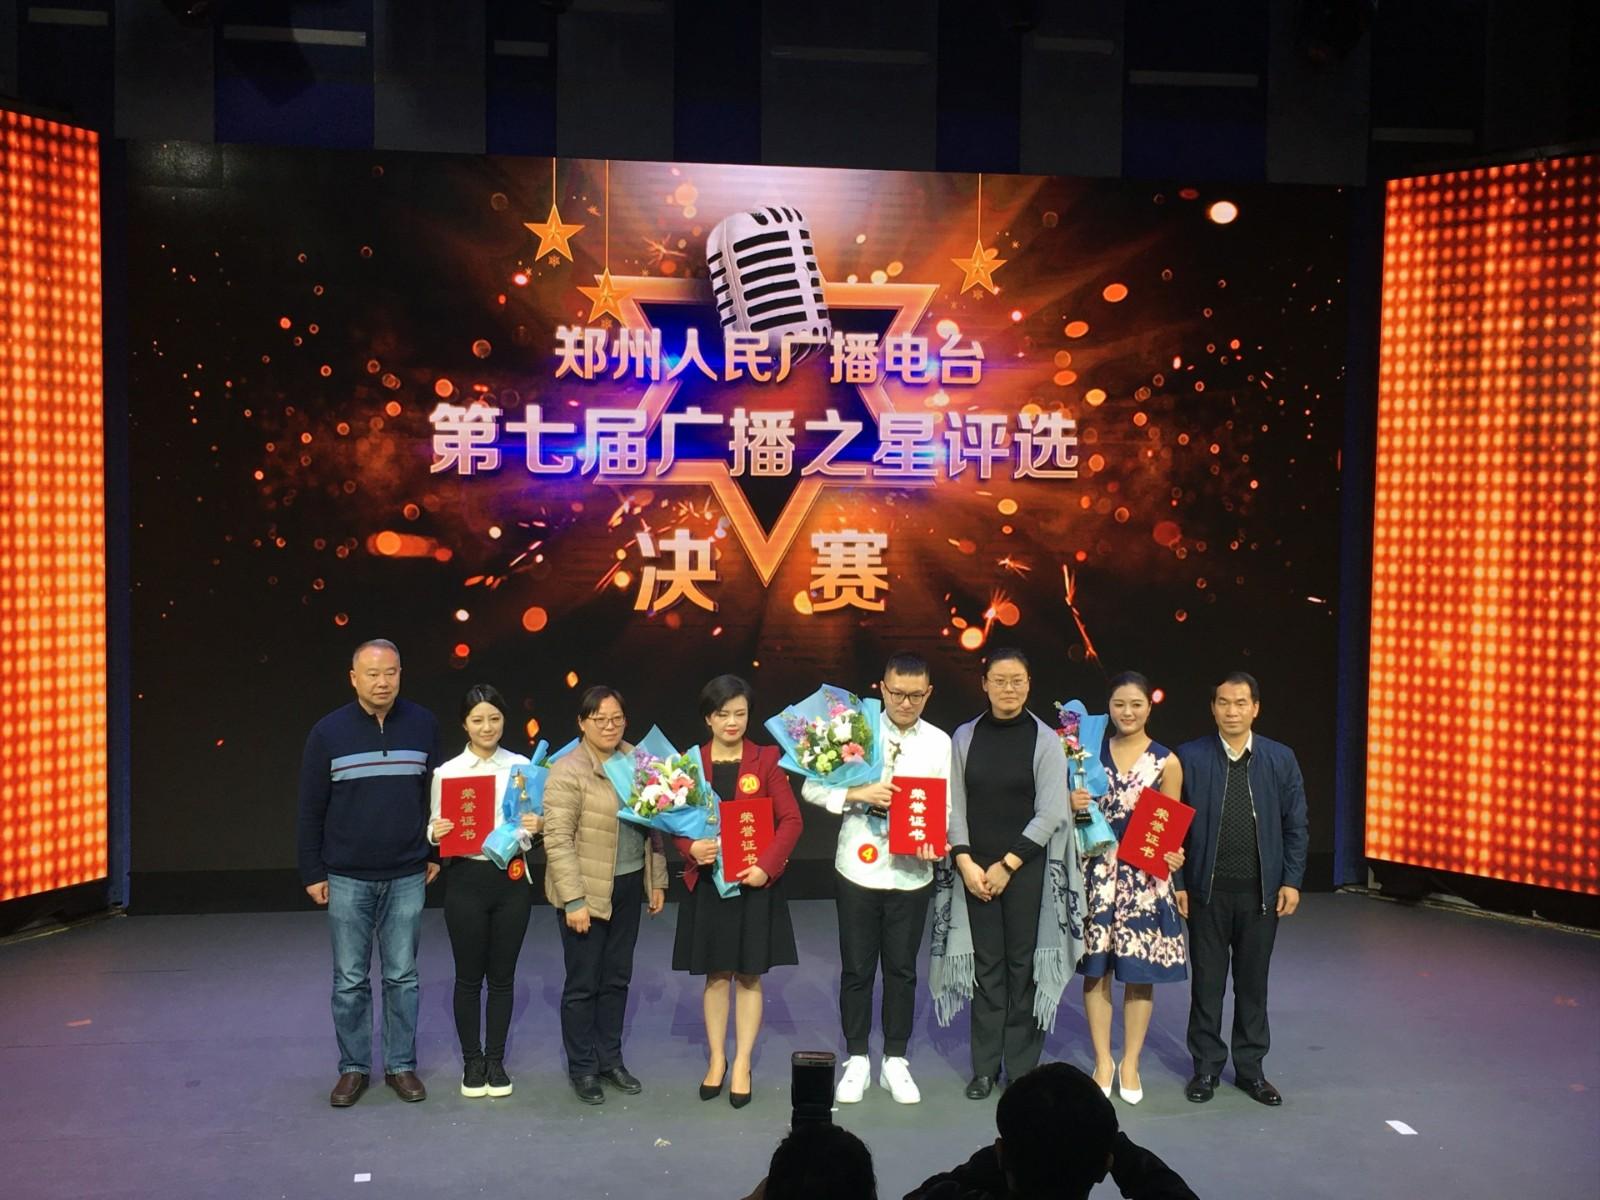 广播之星获得者—— 一菲、李培、马克、佳洛